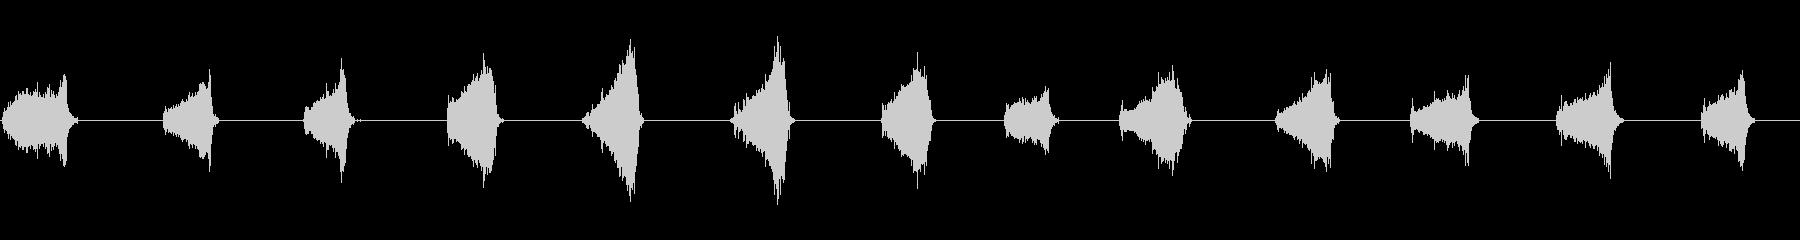 ストローブルーム:ウッドフロアクリ...の未再生の波形